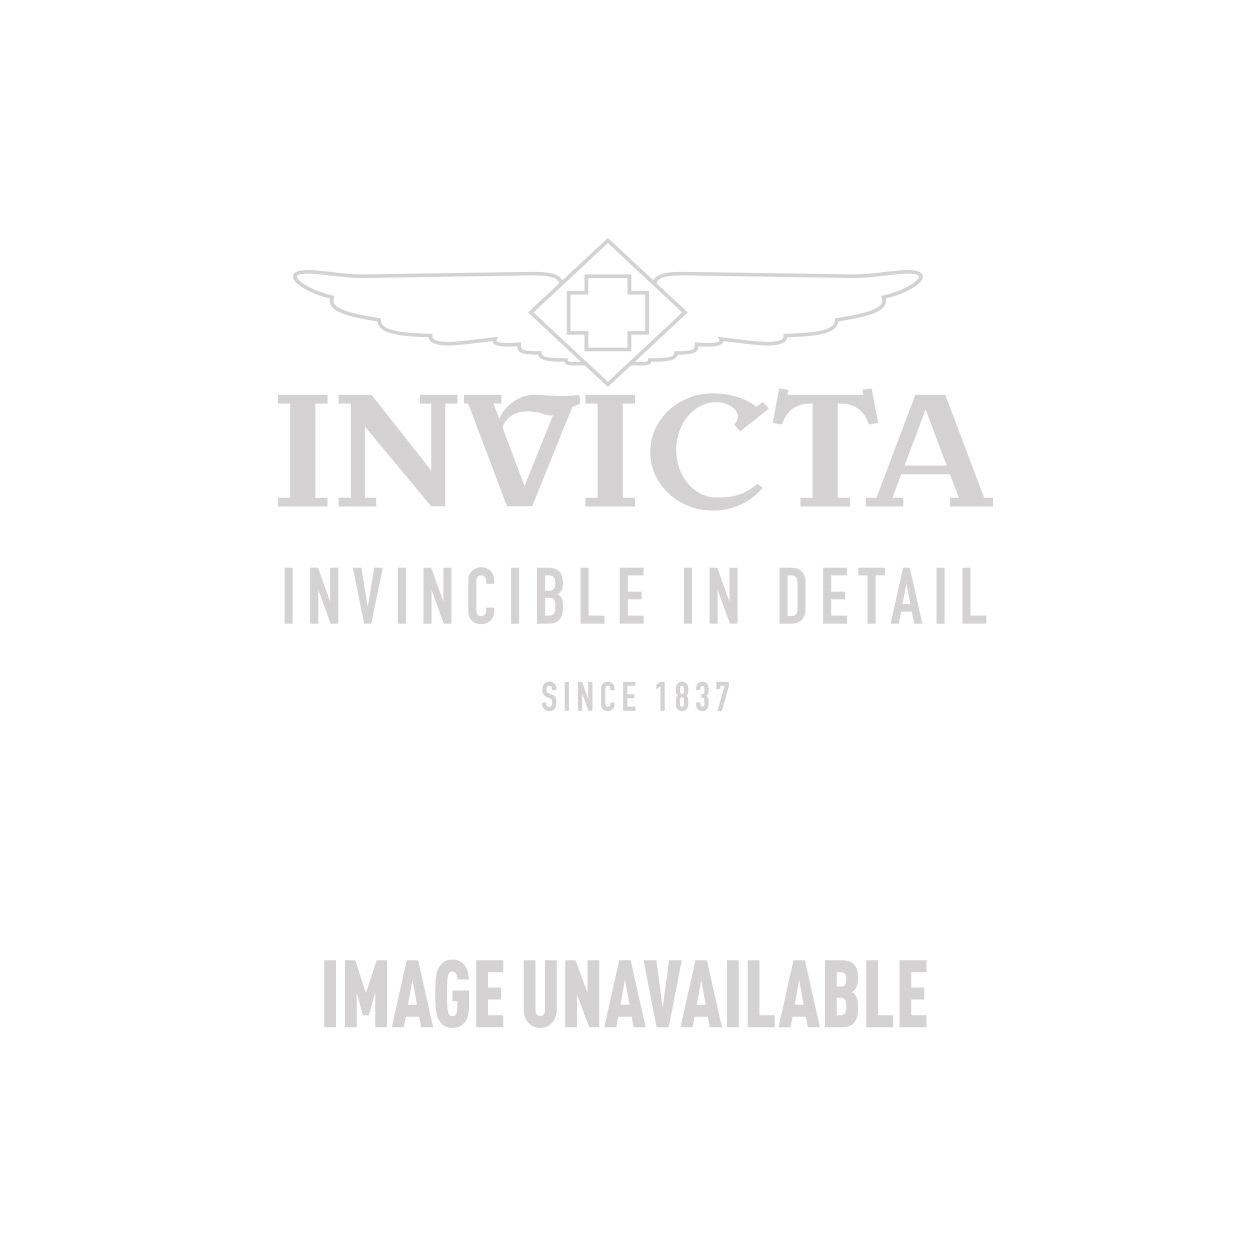 Invicta Model 29374